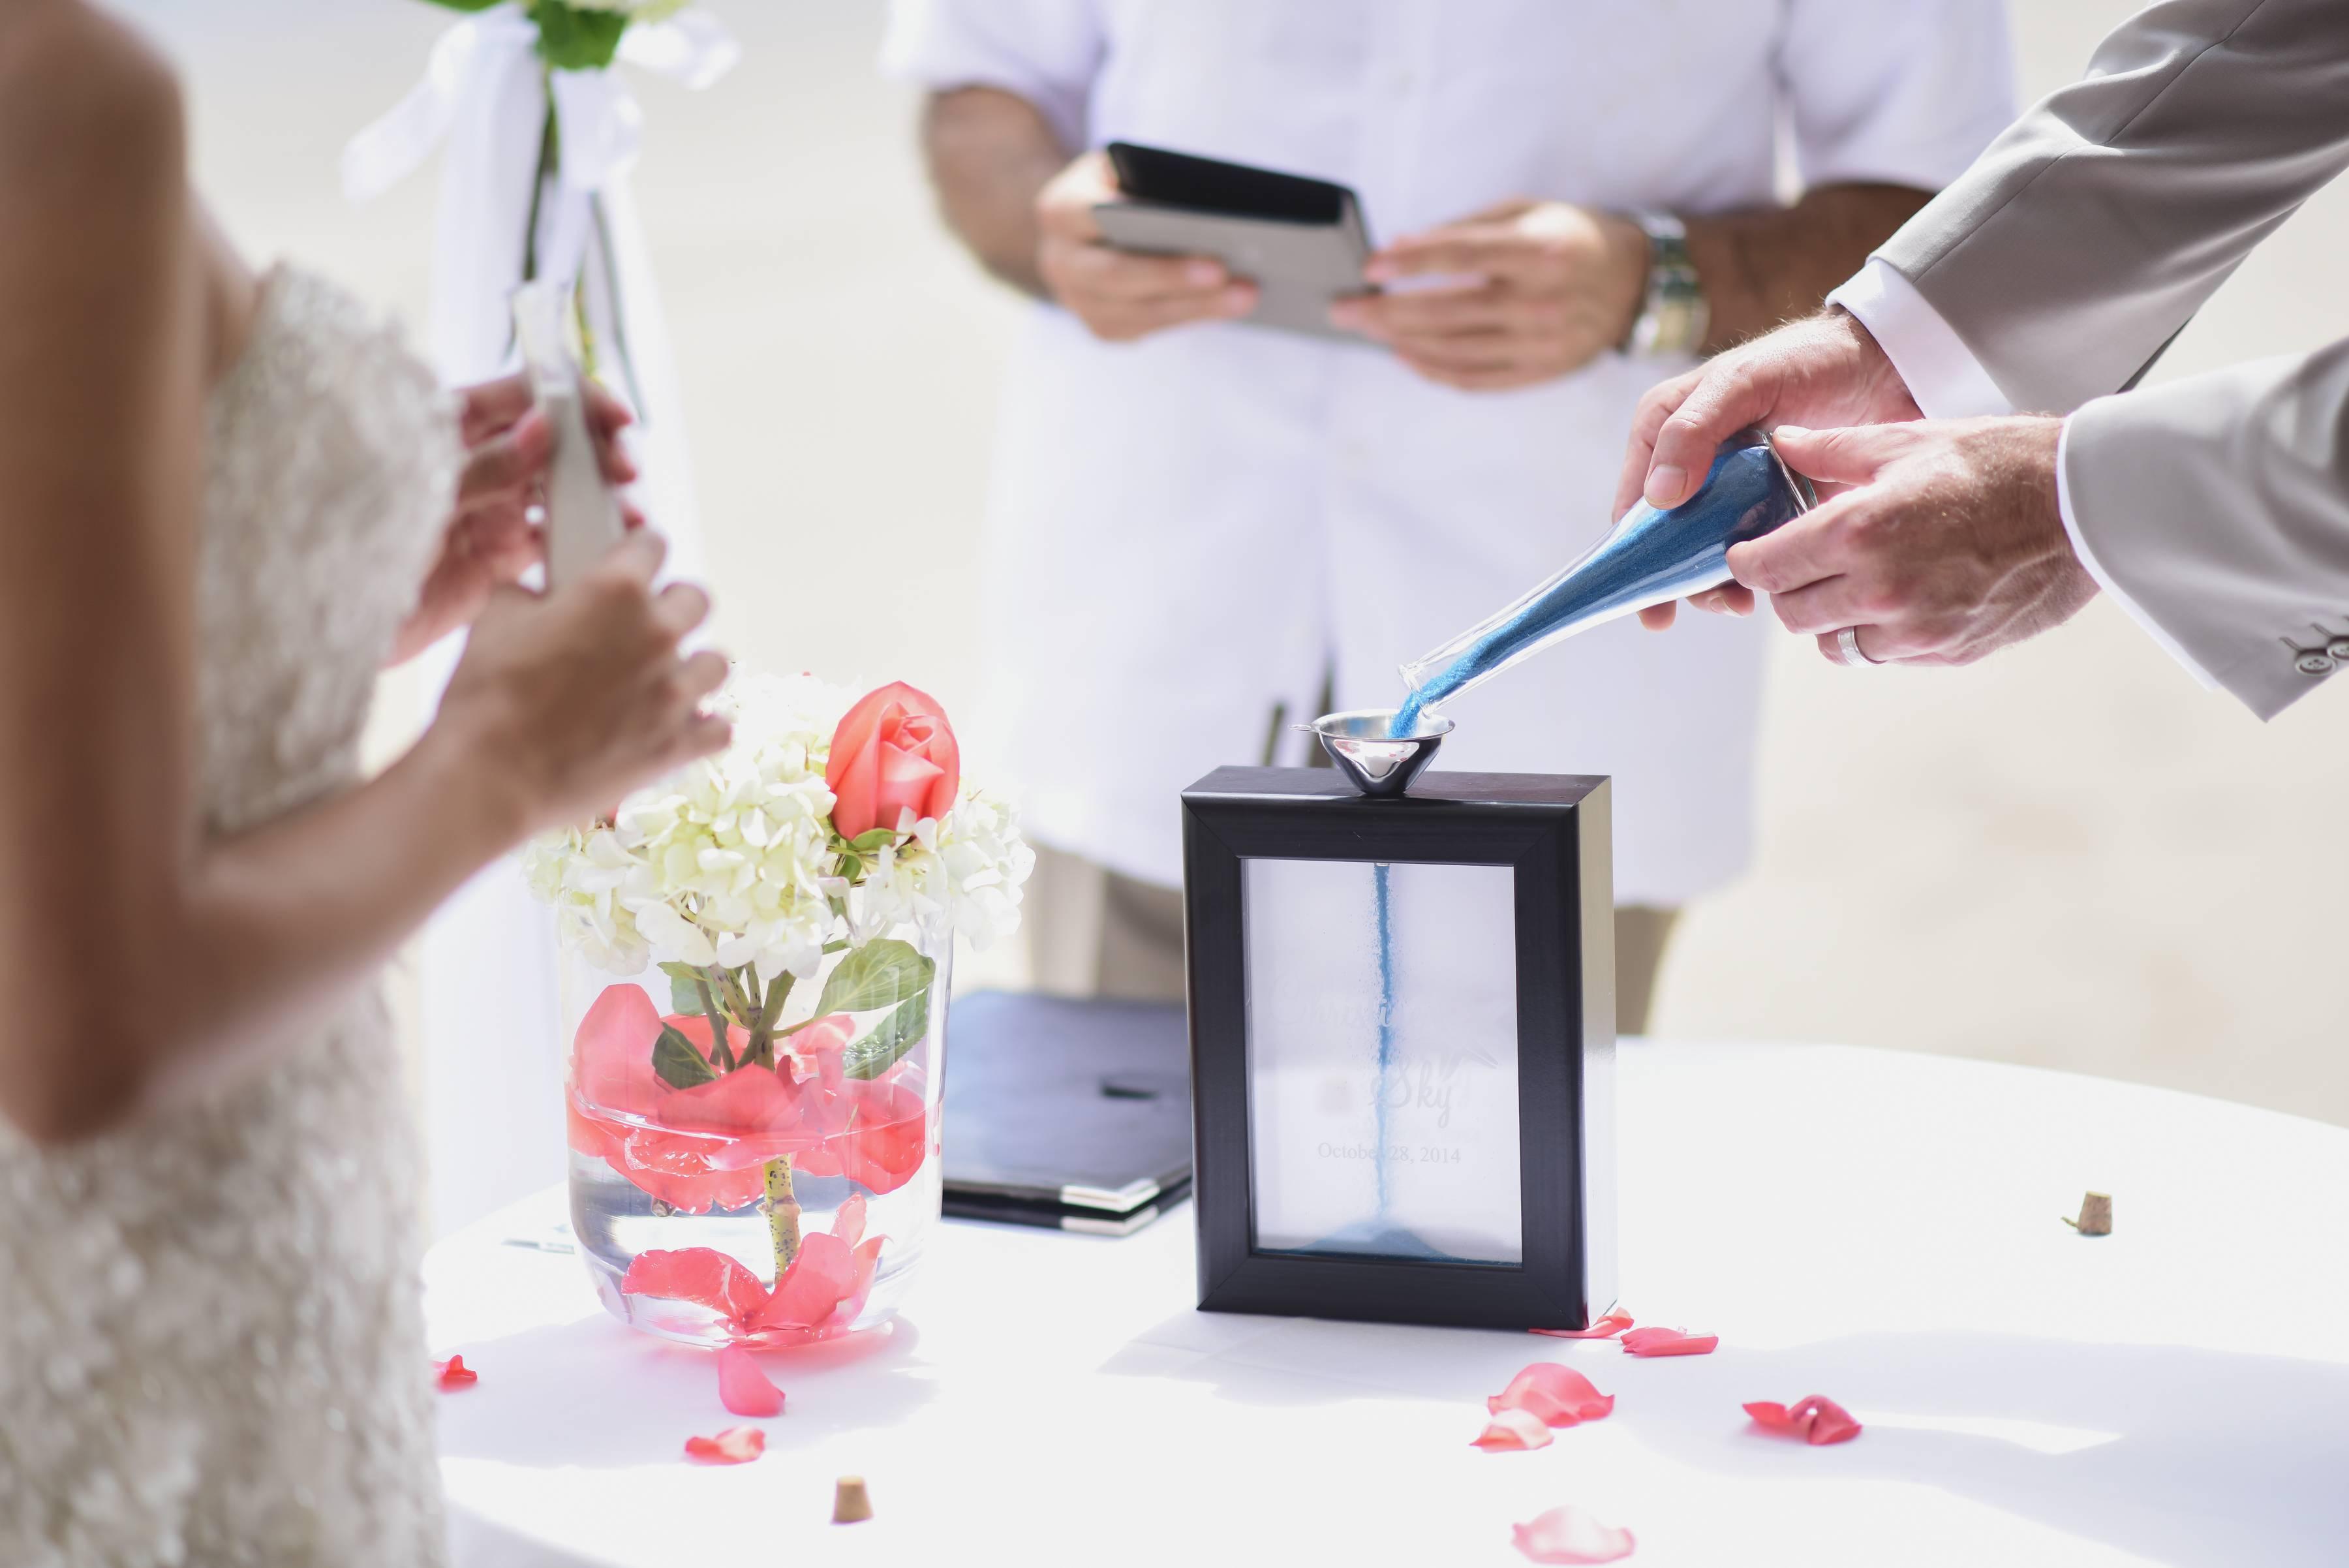 Песочная церемония на свадьбе Оригинальный сценарий проведения